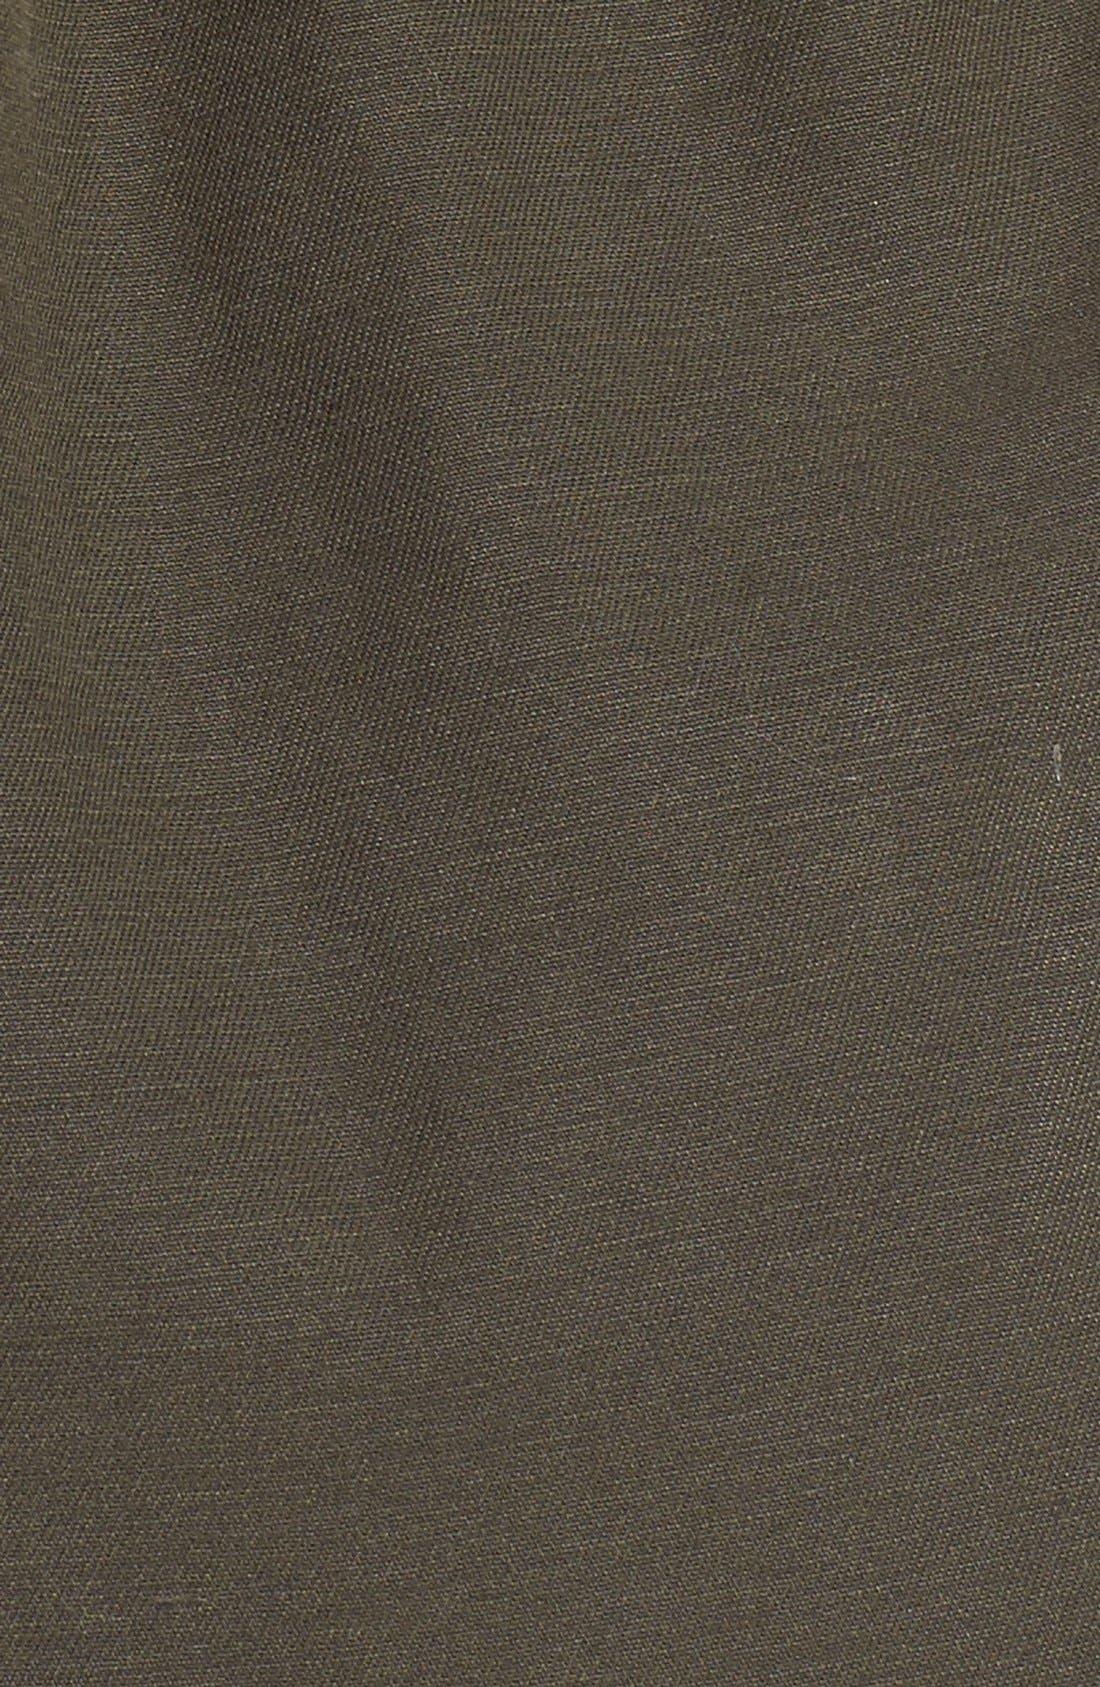 Alternate Image 5  - Levi's® Cotton Twill Utility Jacket